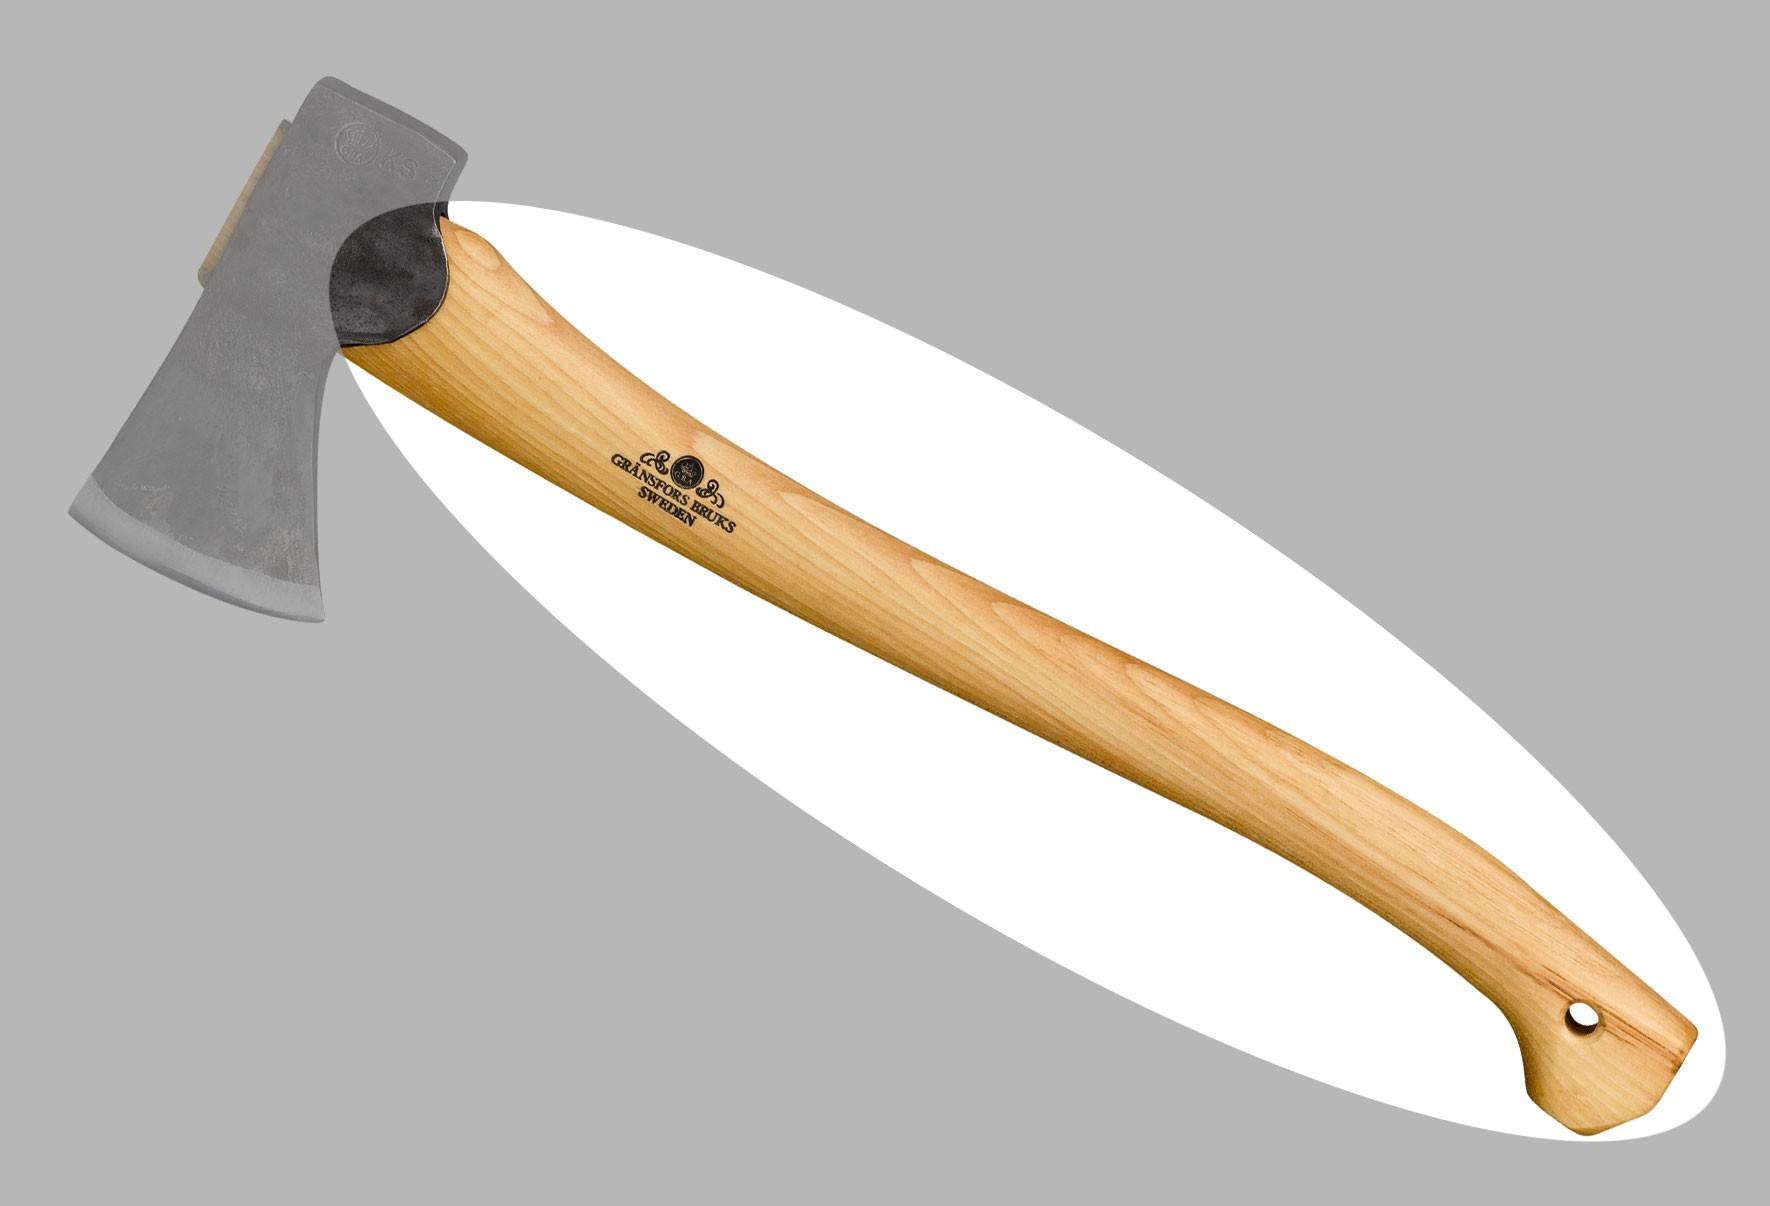 Ersatzstiel für Gränsfors Forstbeil / kleine Forstaxt 20-305 50cm Bild 1